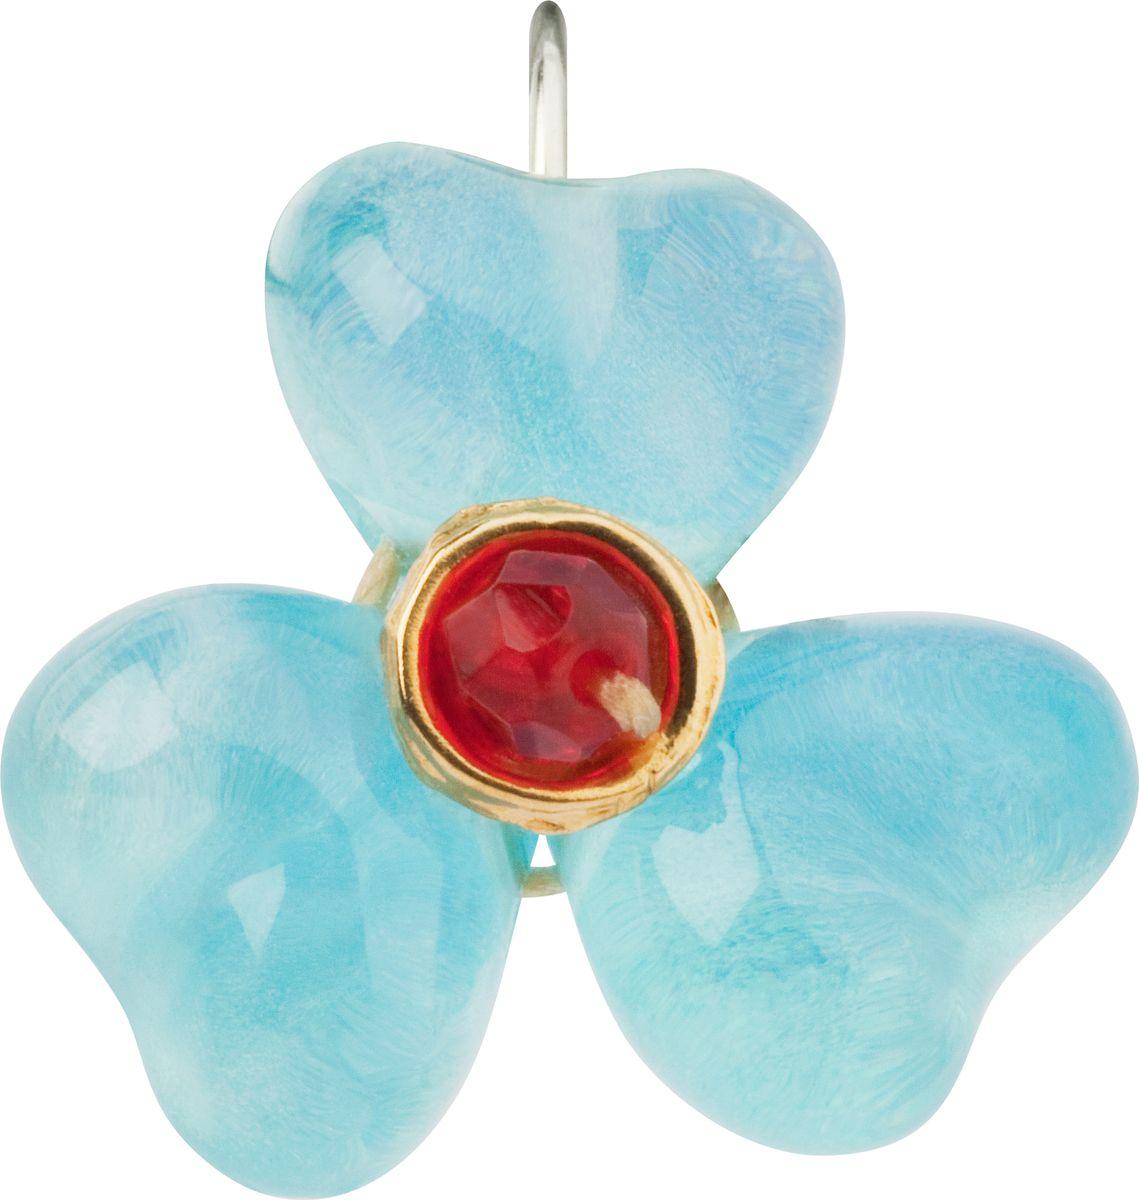 Серьги Lalo Treasures, цвет: голубой, красный. E3486/2E3486/2Яркие дизайнерские акссесуары от Lalo Treasures станут отличным дополнением к Вашему стилю